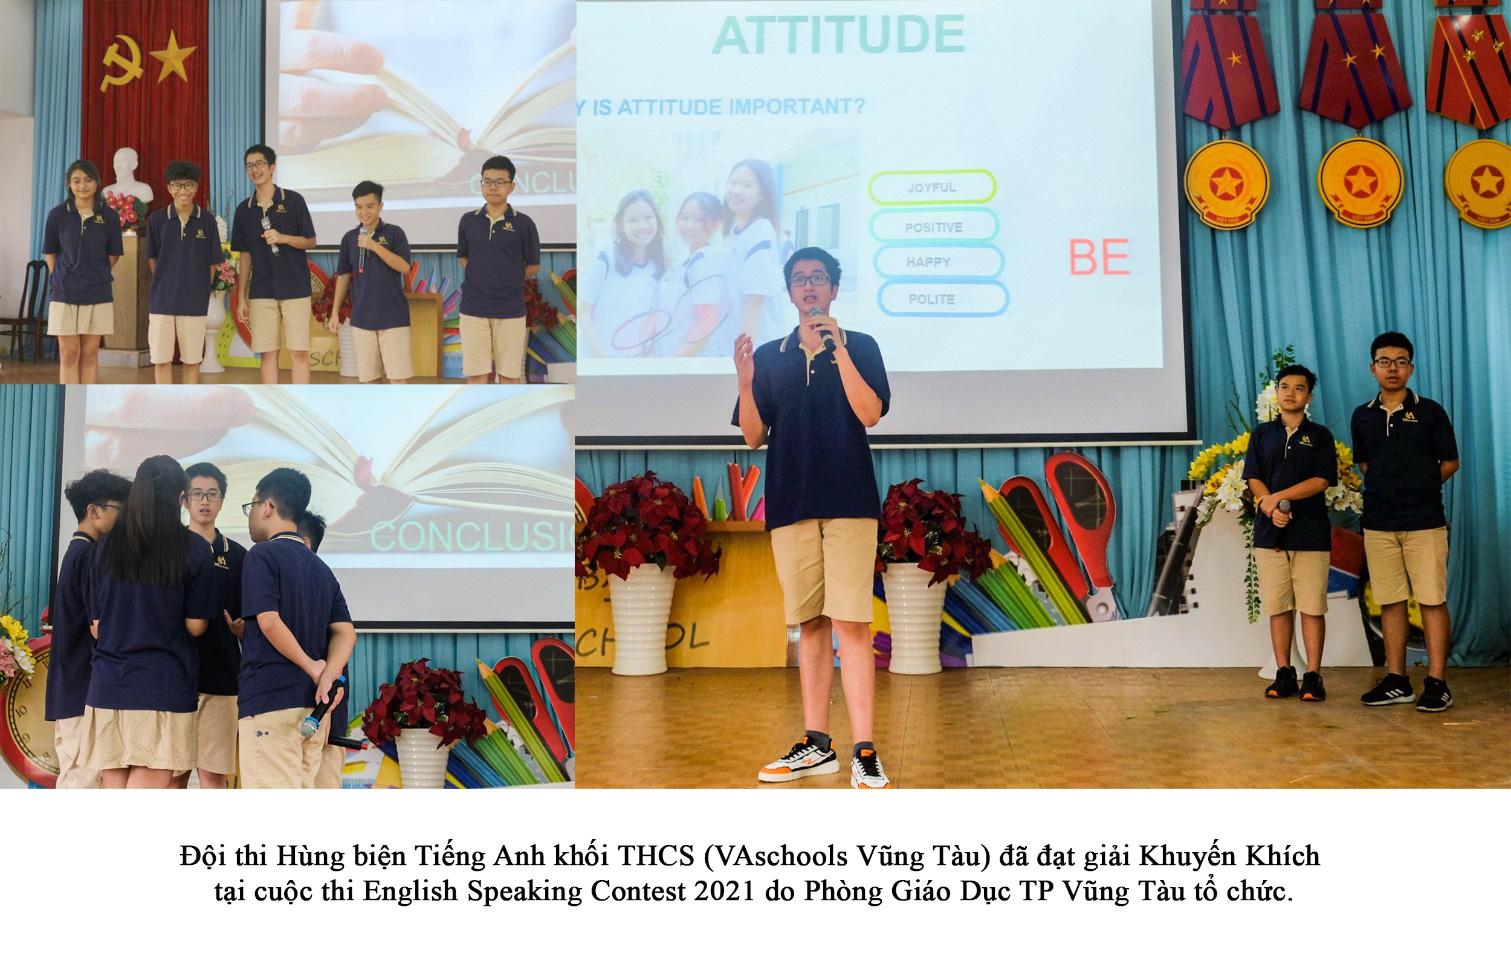 Những gương mặt trẻ tiêu biểu của trường Việt Mỹ Vũng Tàu - Ảnh 5.